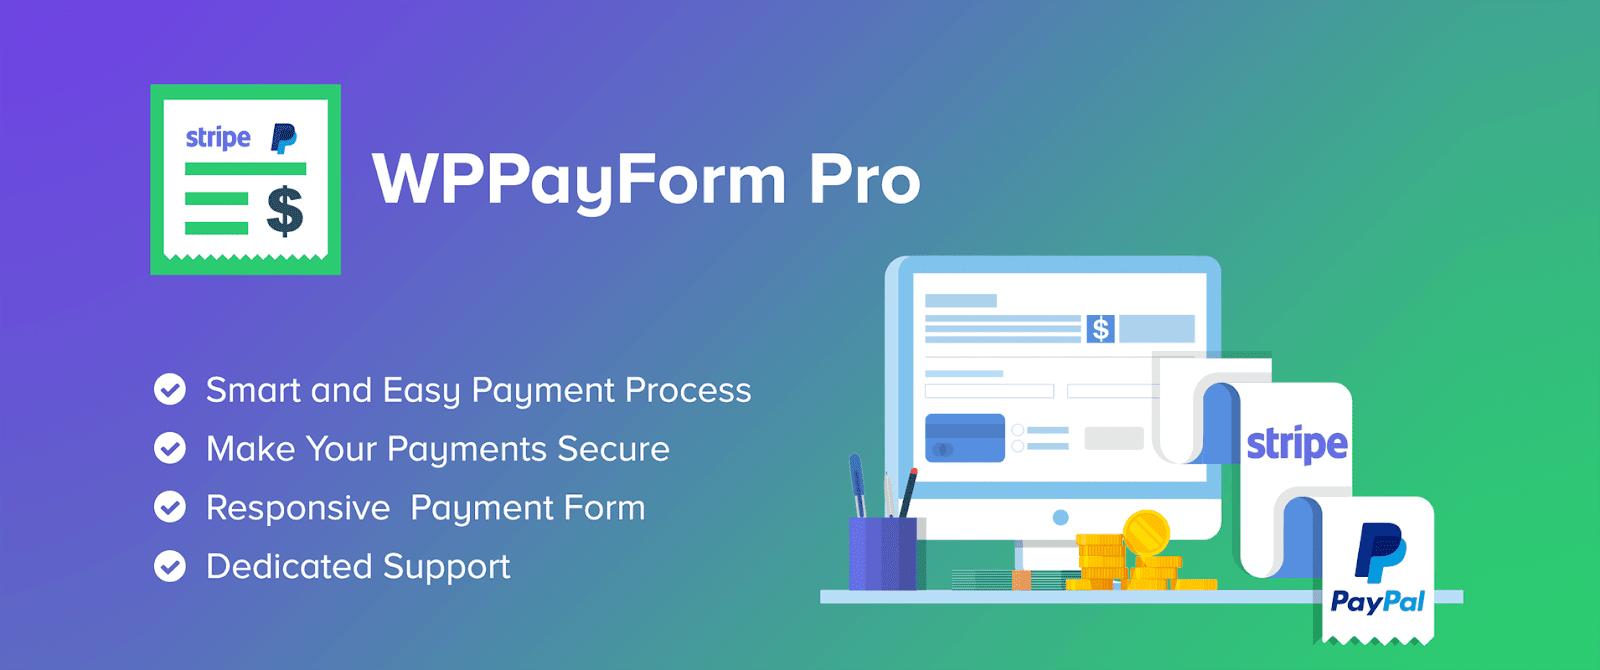 WPPayForm - Payment Form Builder Plugin